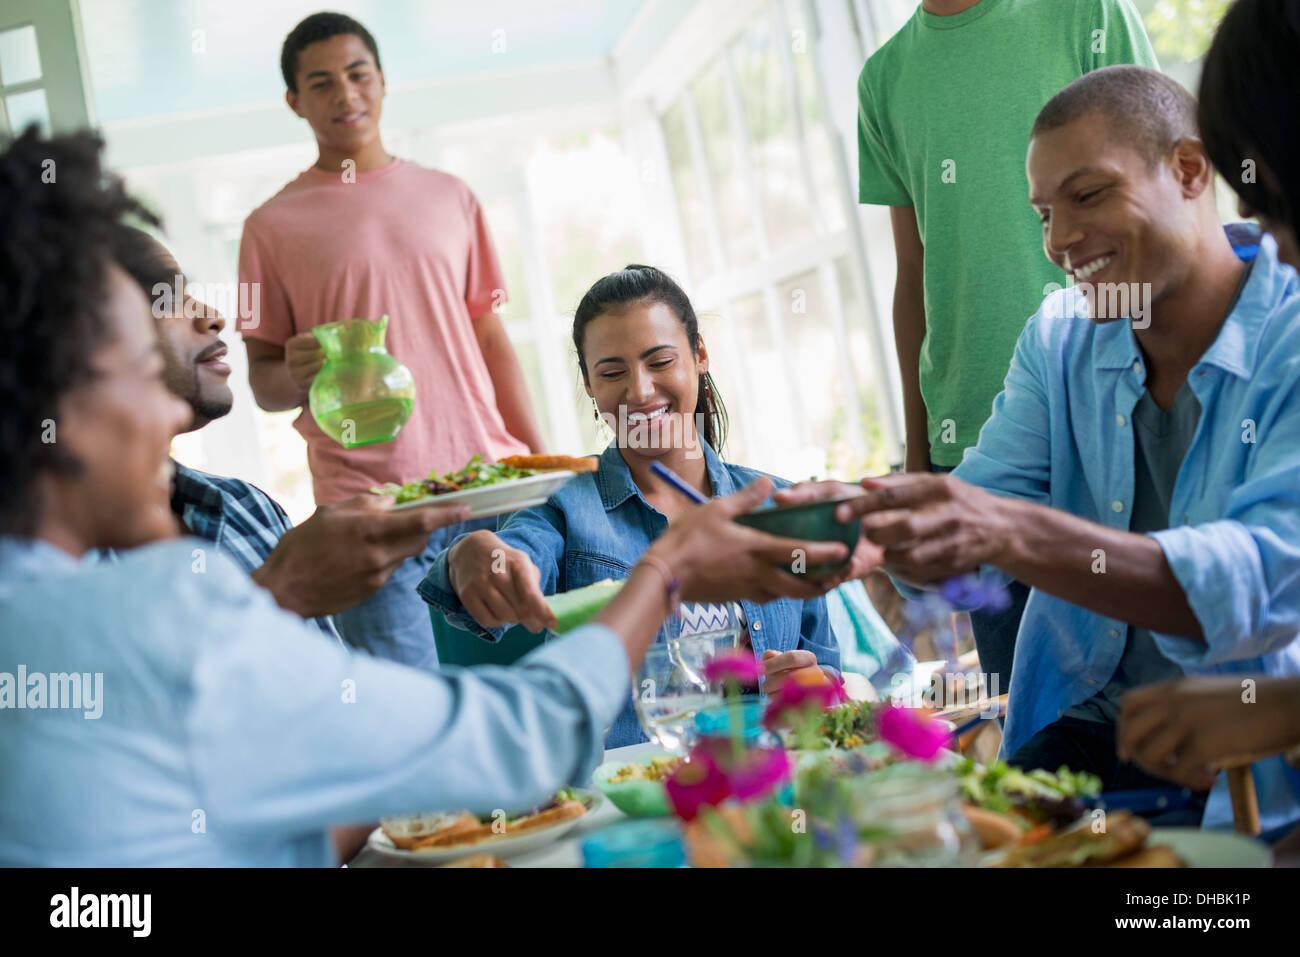 Un grupo de hombres y mujeres alrededor de una mesa compartiendo una comida en una granja de cocina. Imagen De Stock